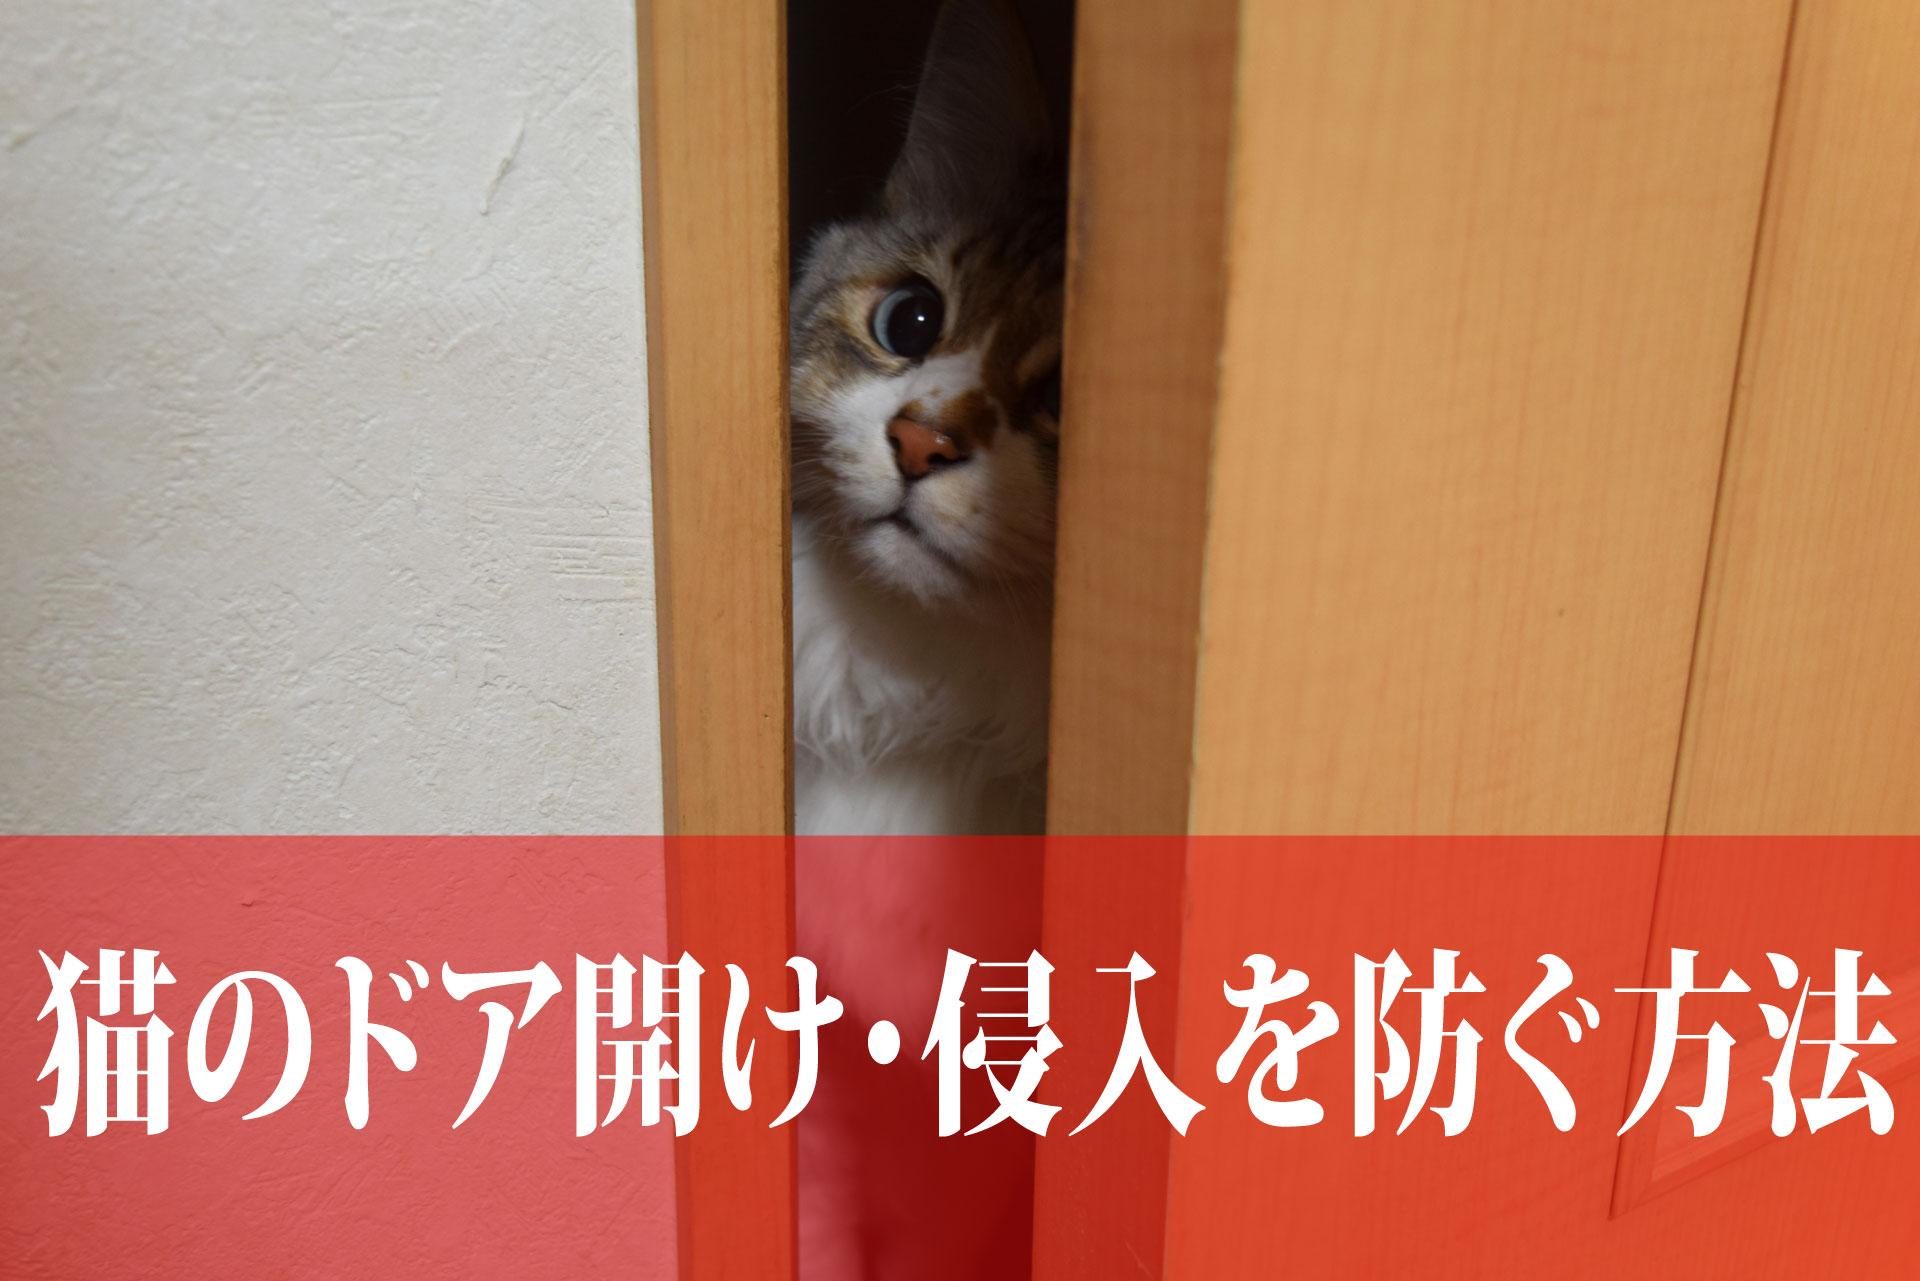 絶対に猫にドアを開けられない方法(スライドドア編)